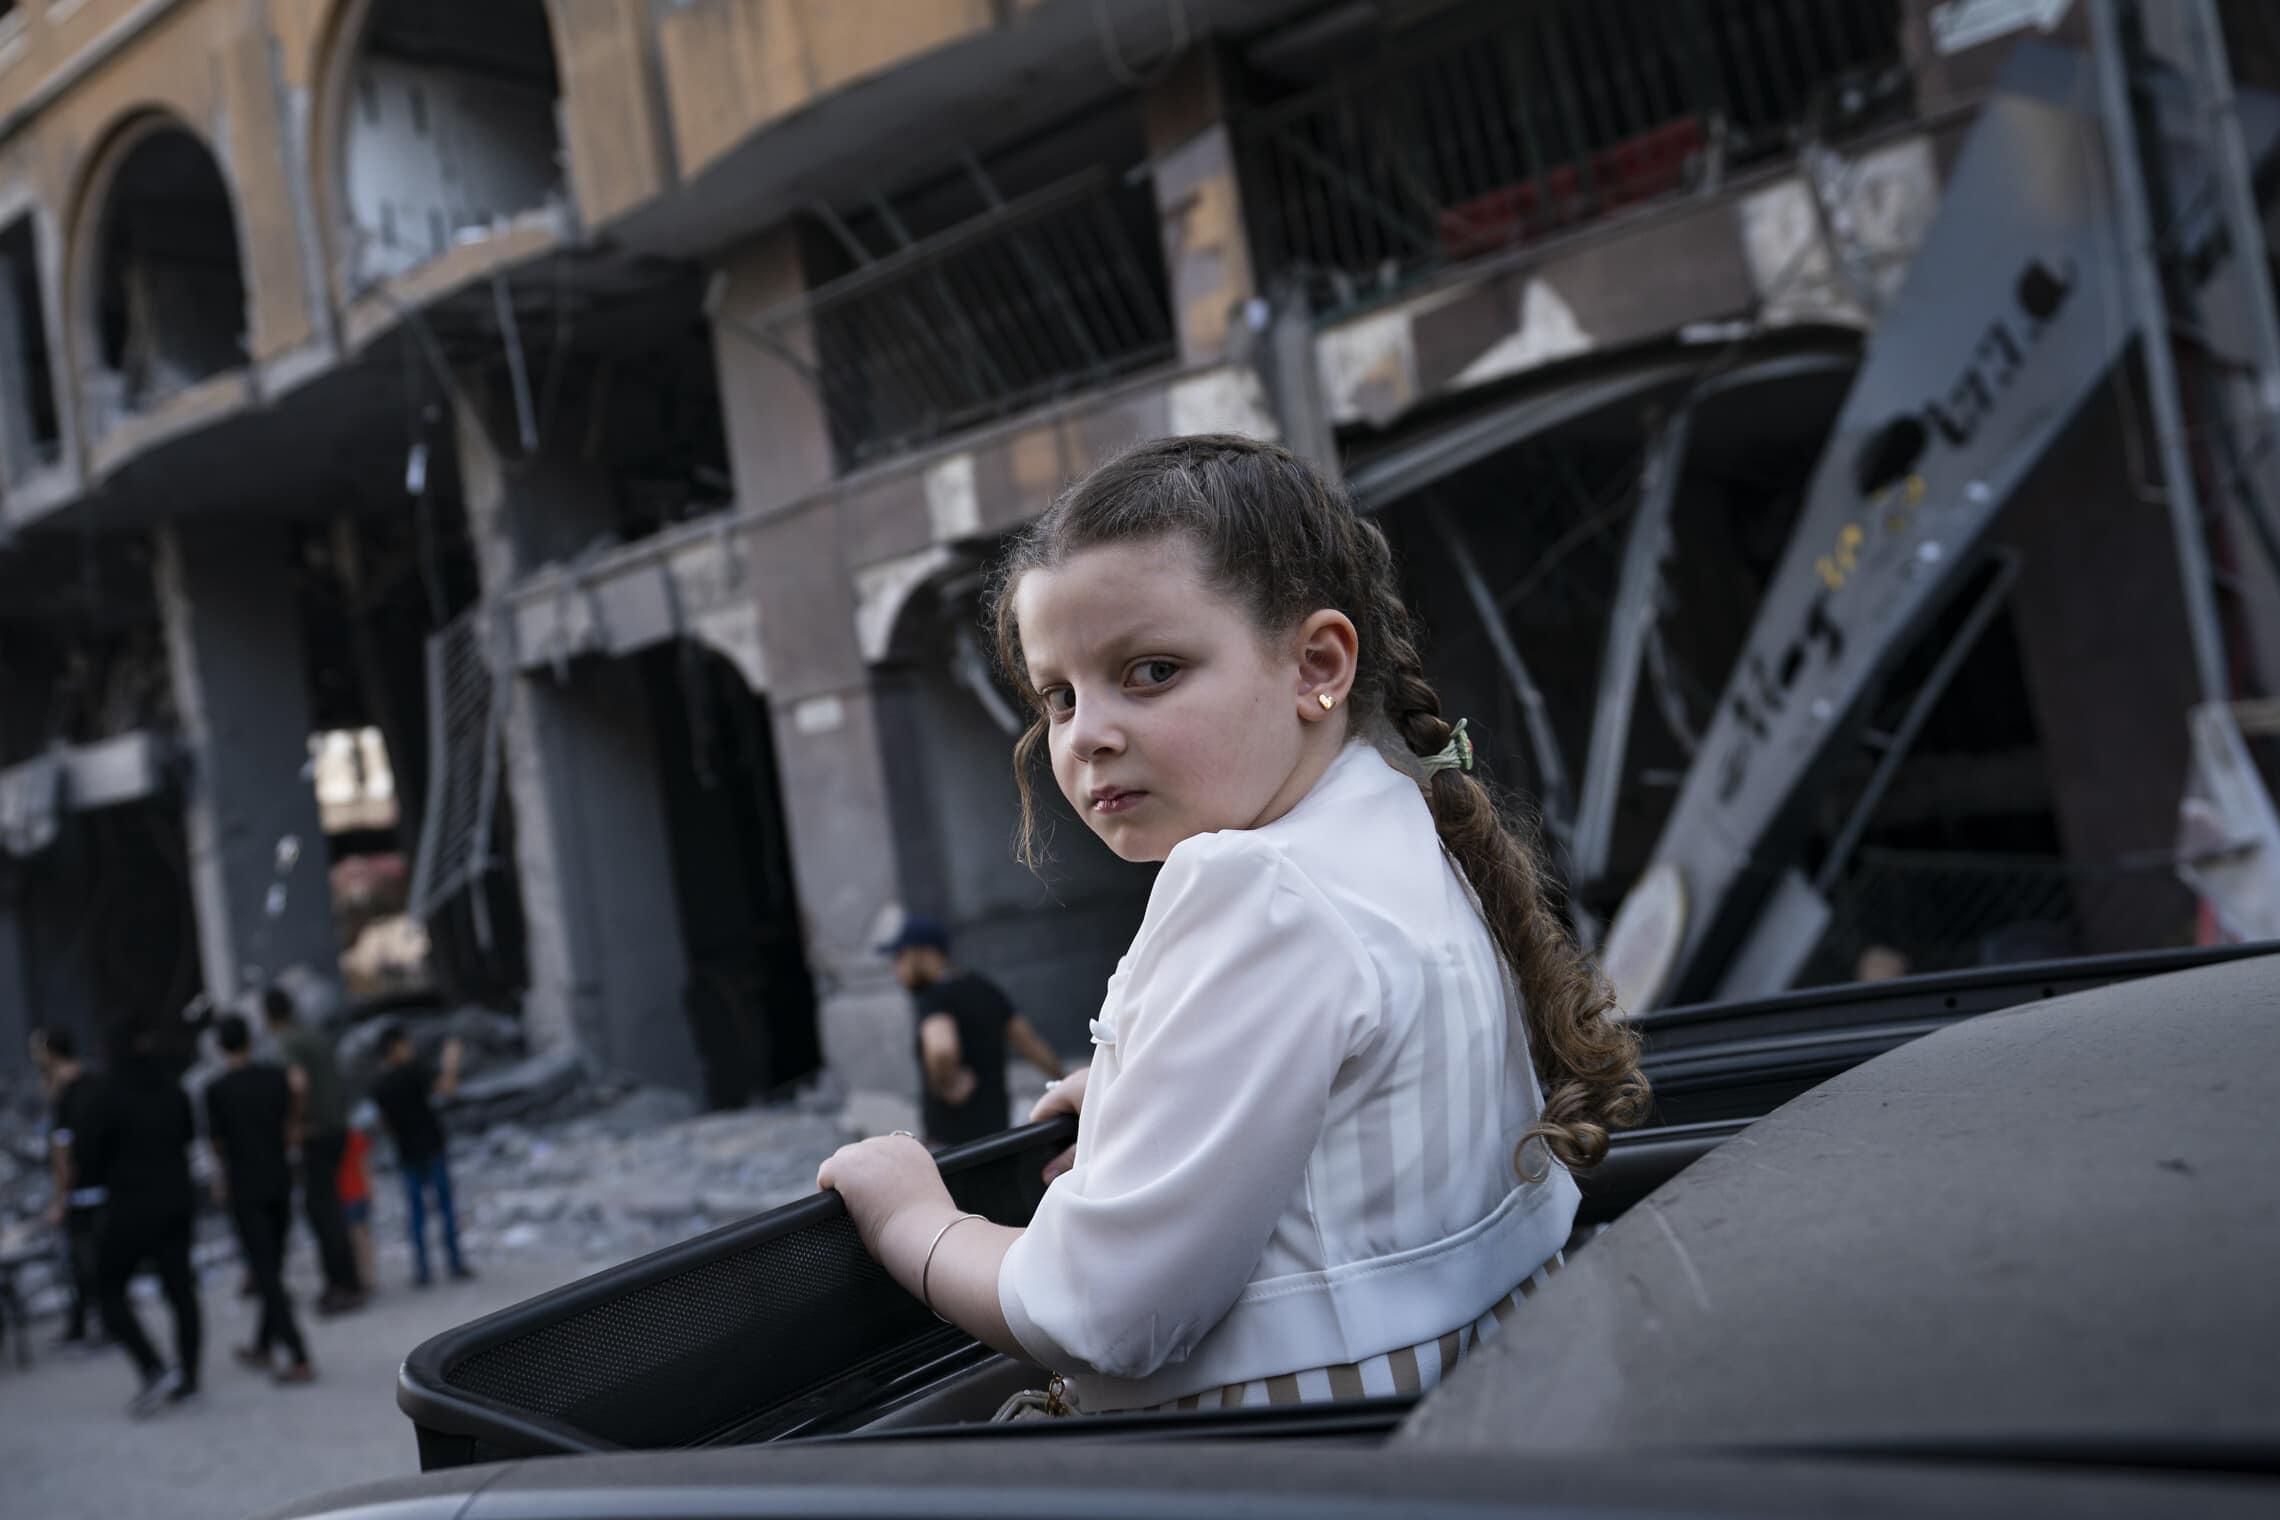 תושבי עזה בודקים את מימדי ההרס בעזה אחרי הפסקת האש, 21 במאי 2021 (צילום: AP Photo/John Minchillo)